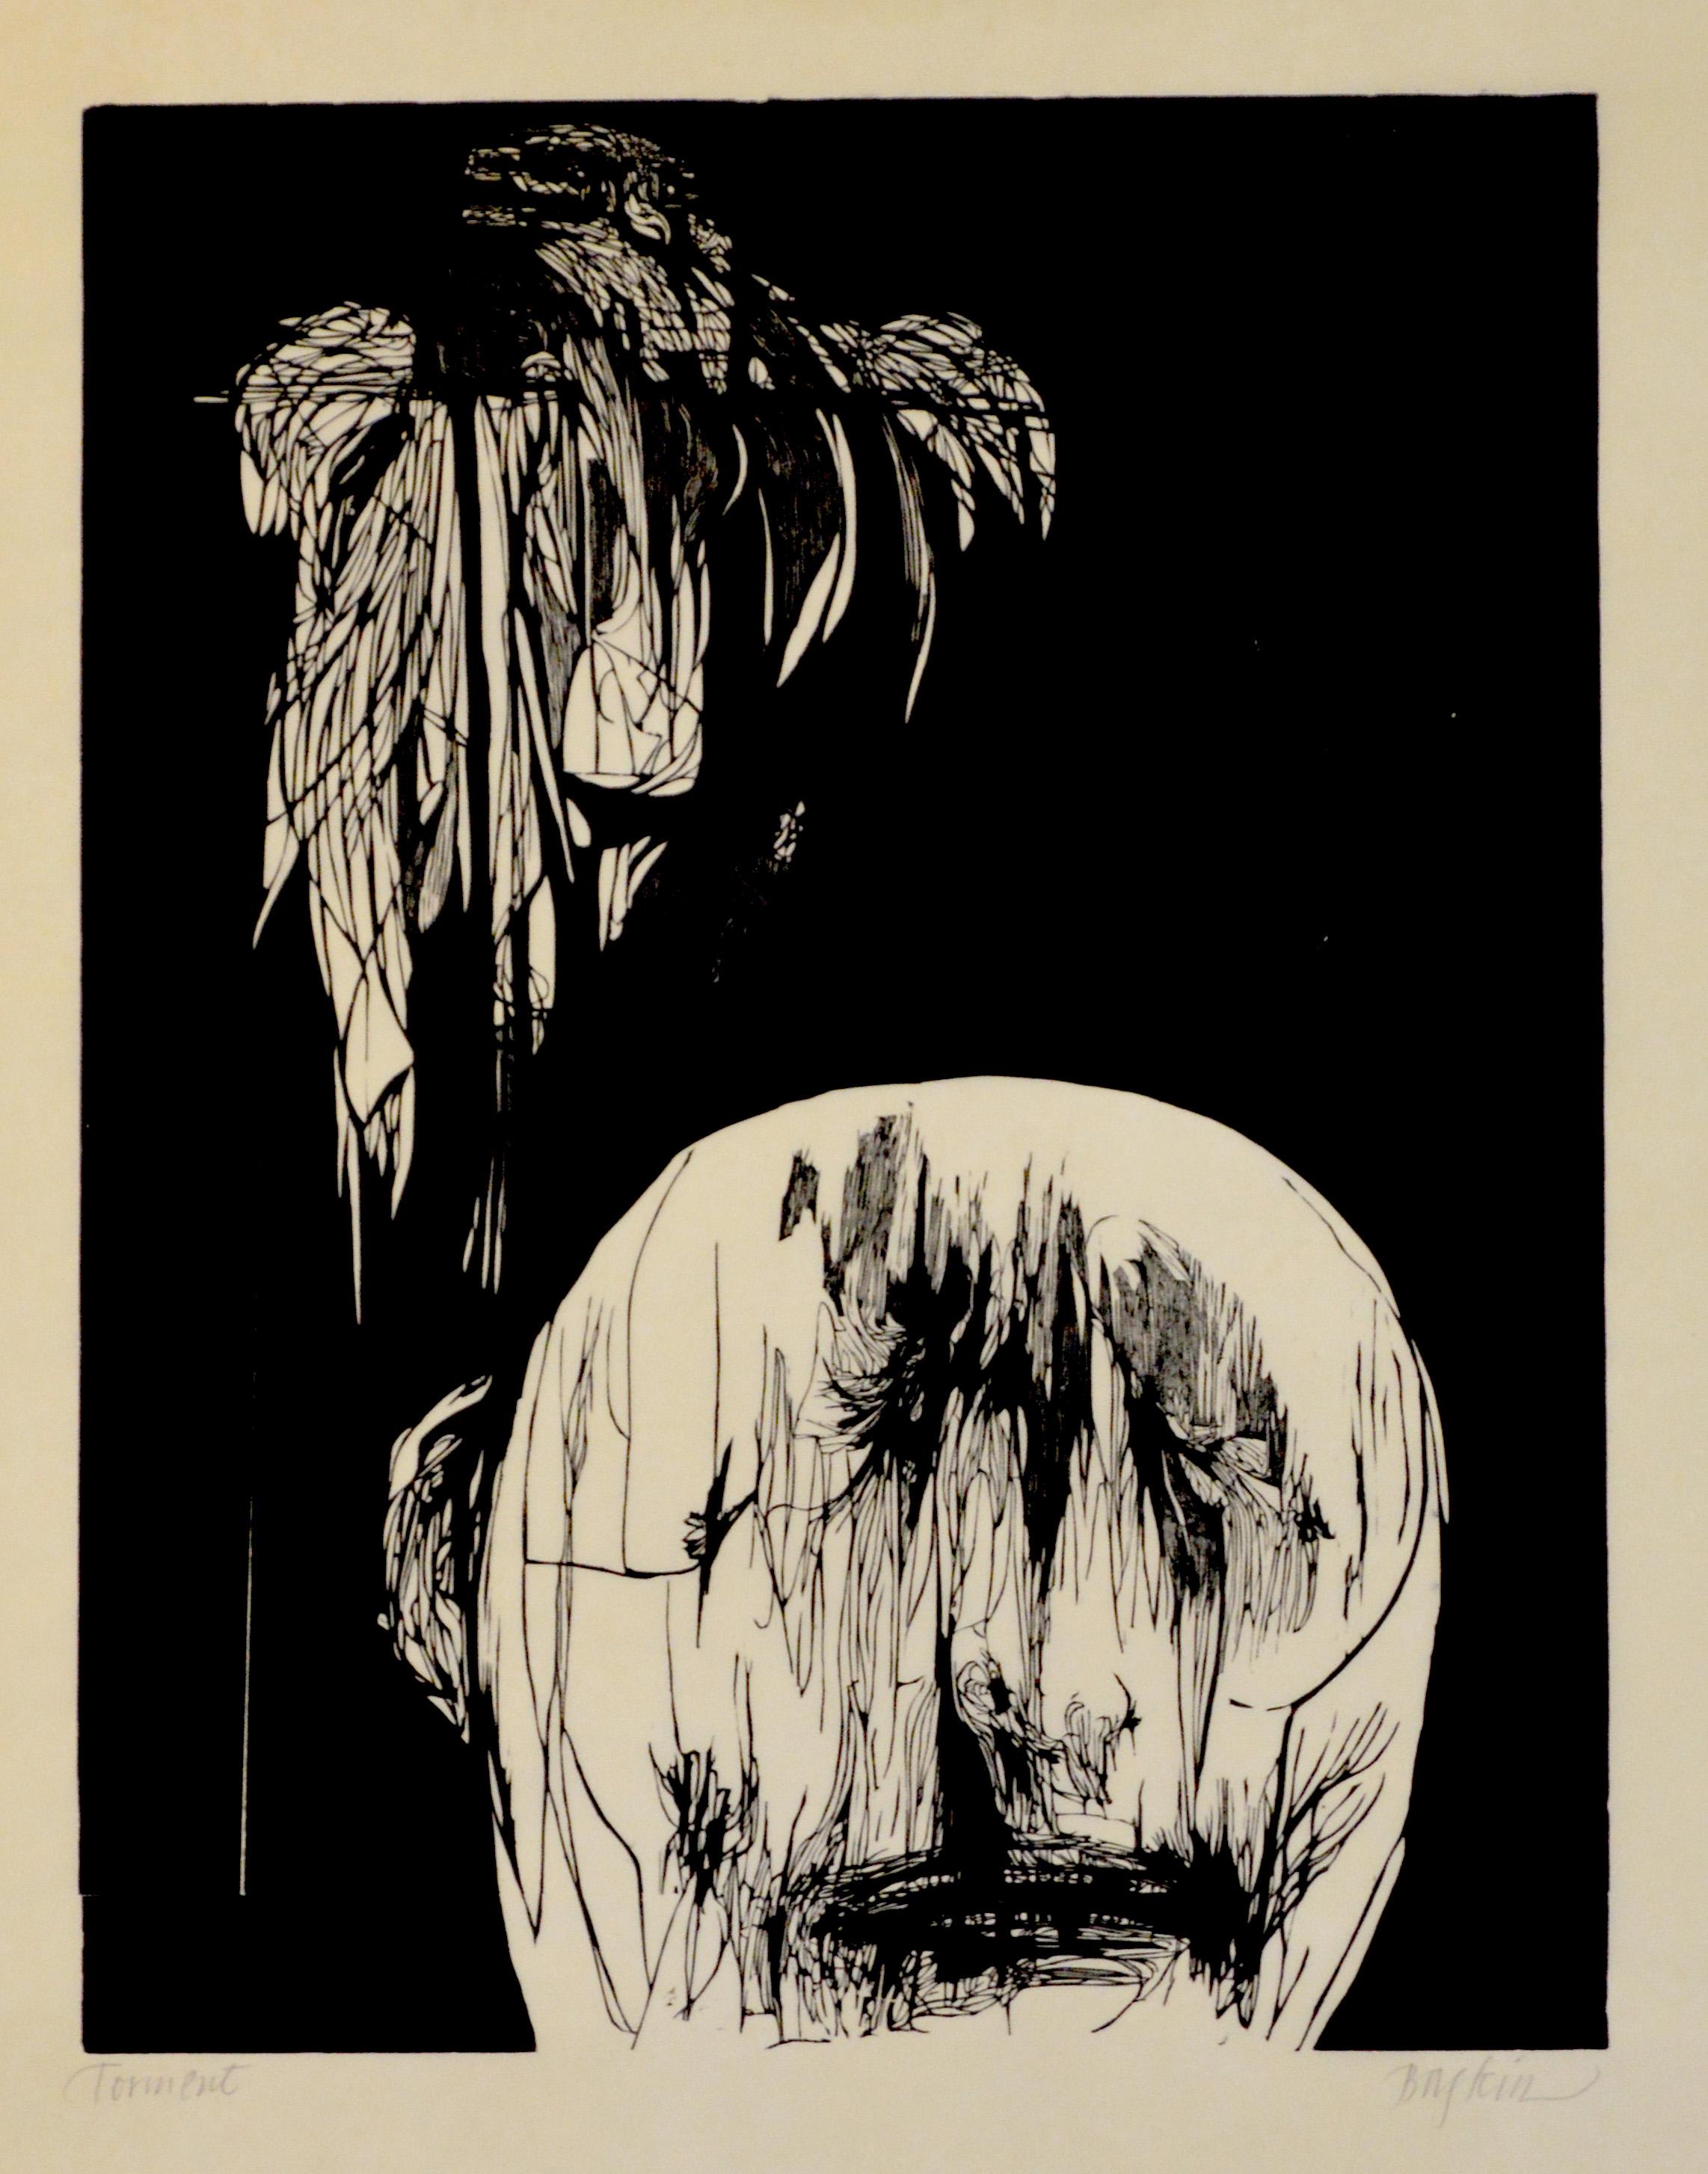 Torment 1959